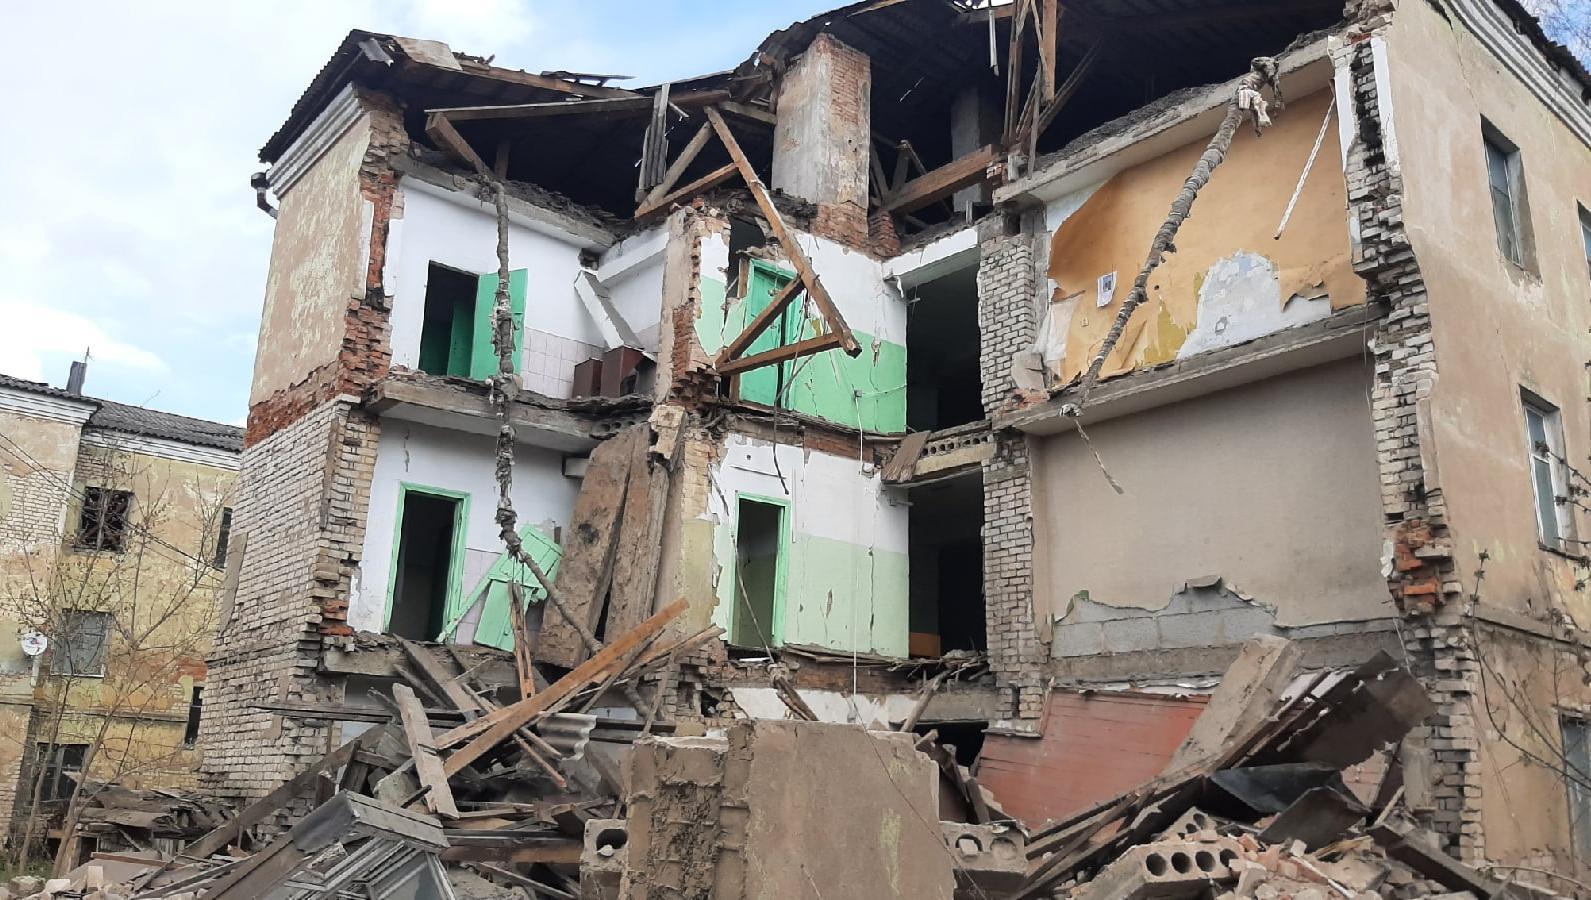 Ситуация с обрушением части нежилого здания в Ржеве находится на контроле - новости Афанасий